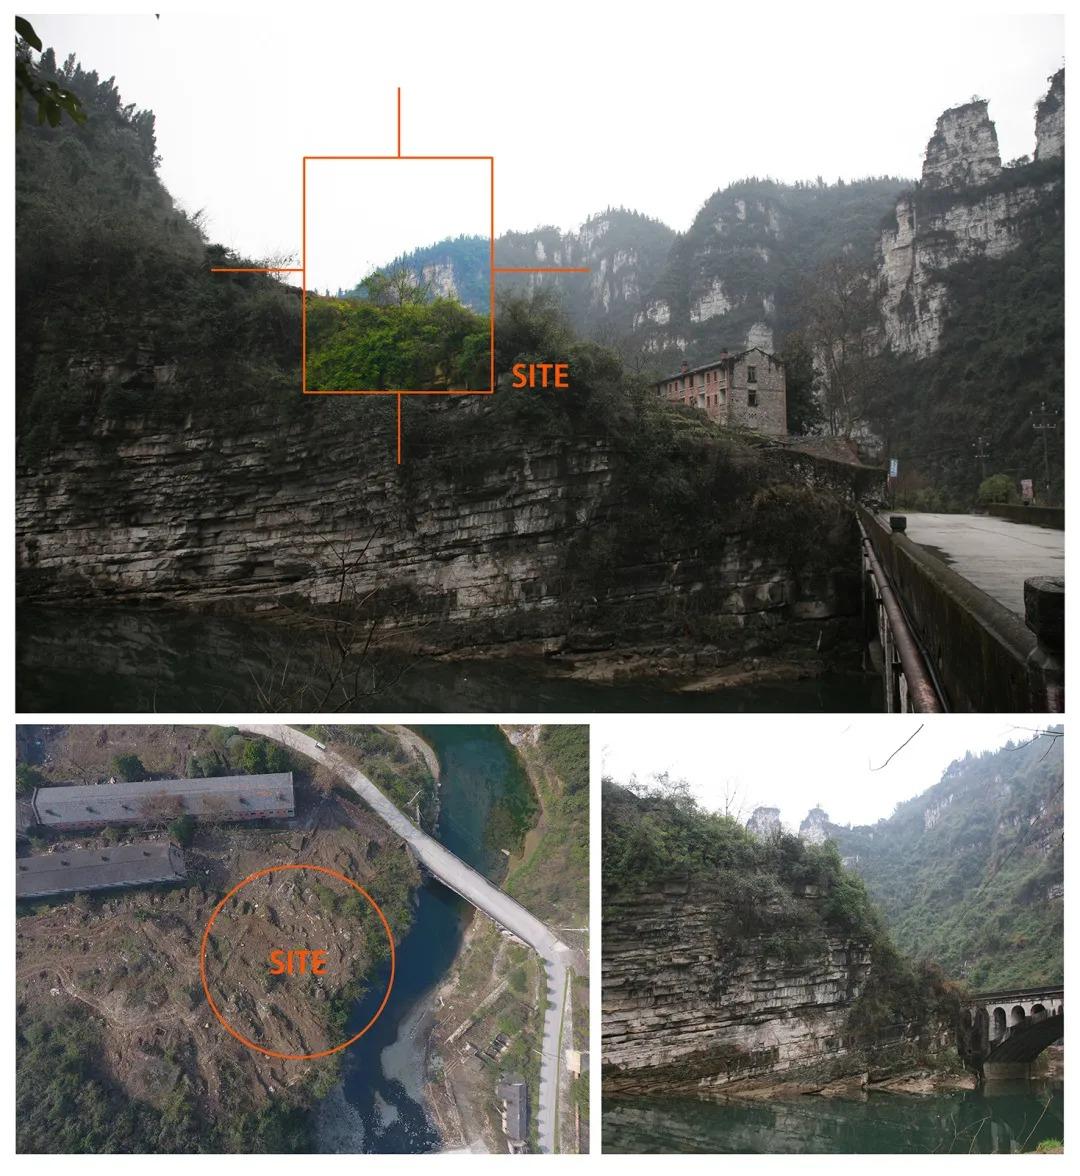 宜昌 崖顶茶吧—809兵工厂遗址改造设计  /  三文建筑